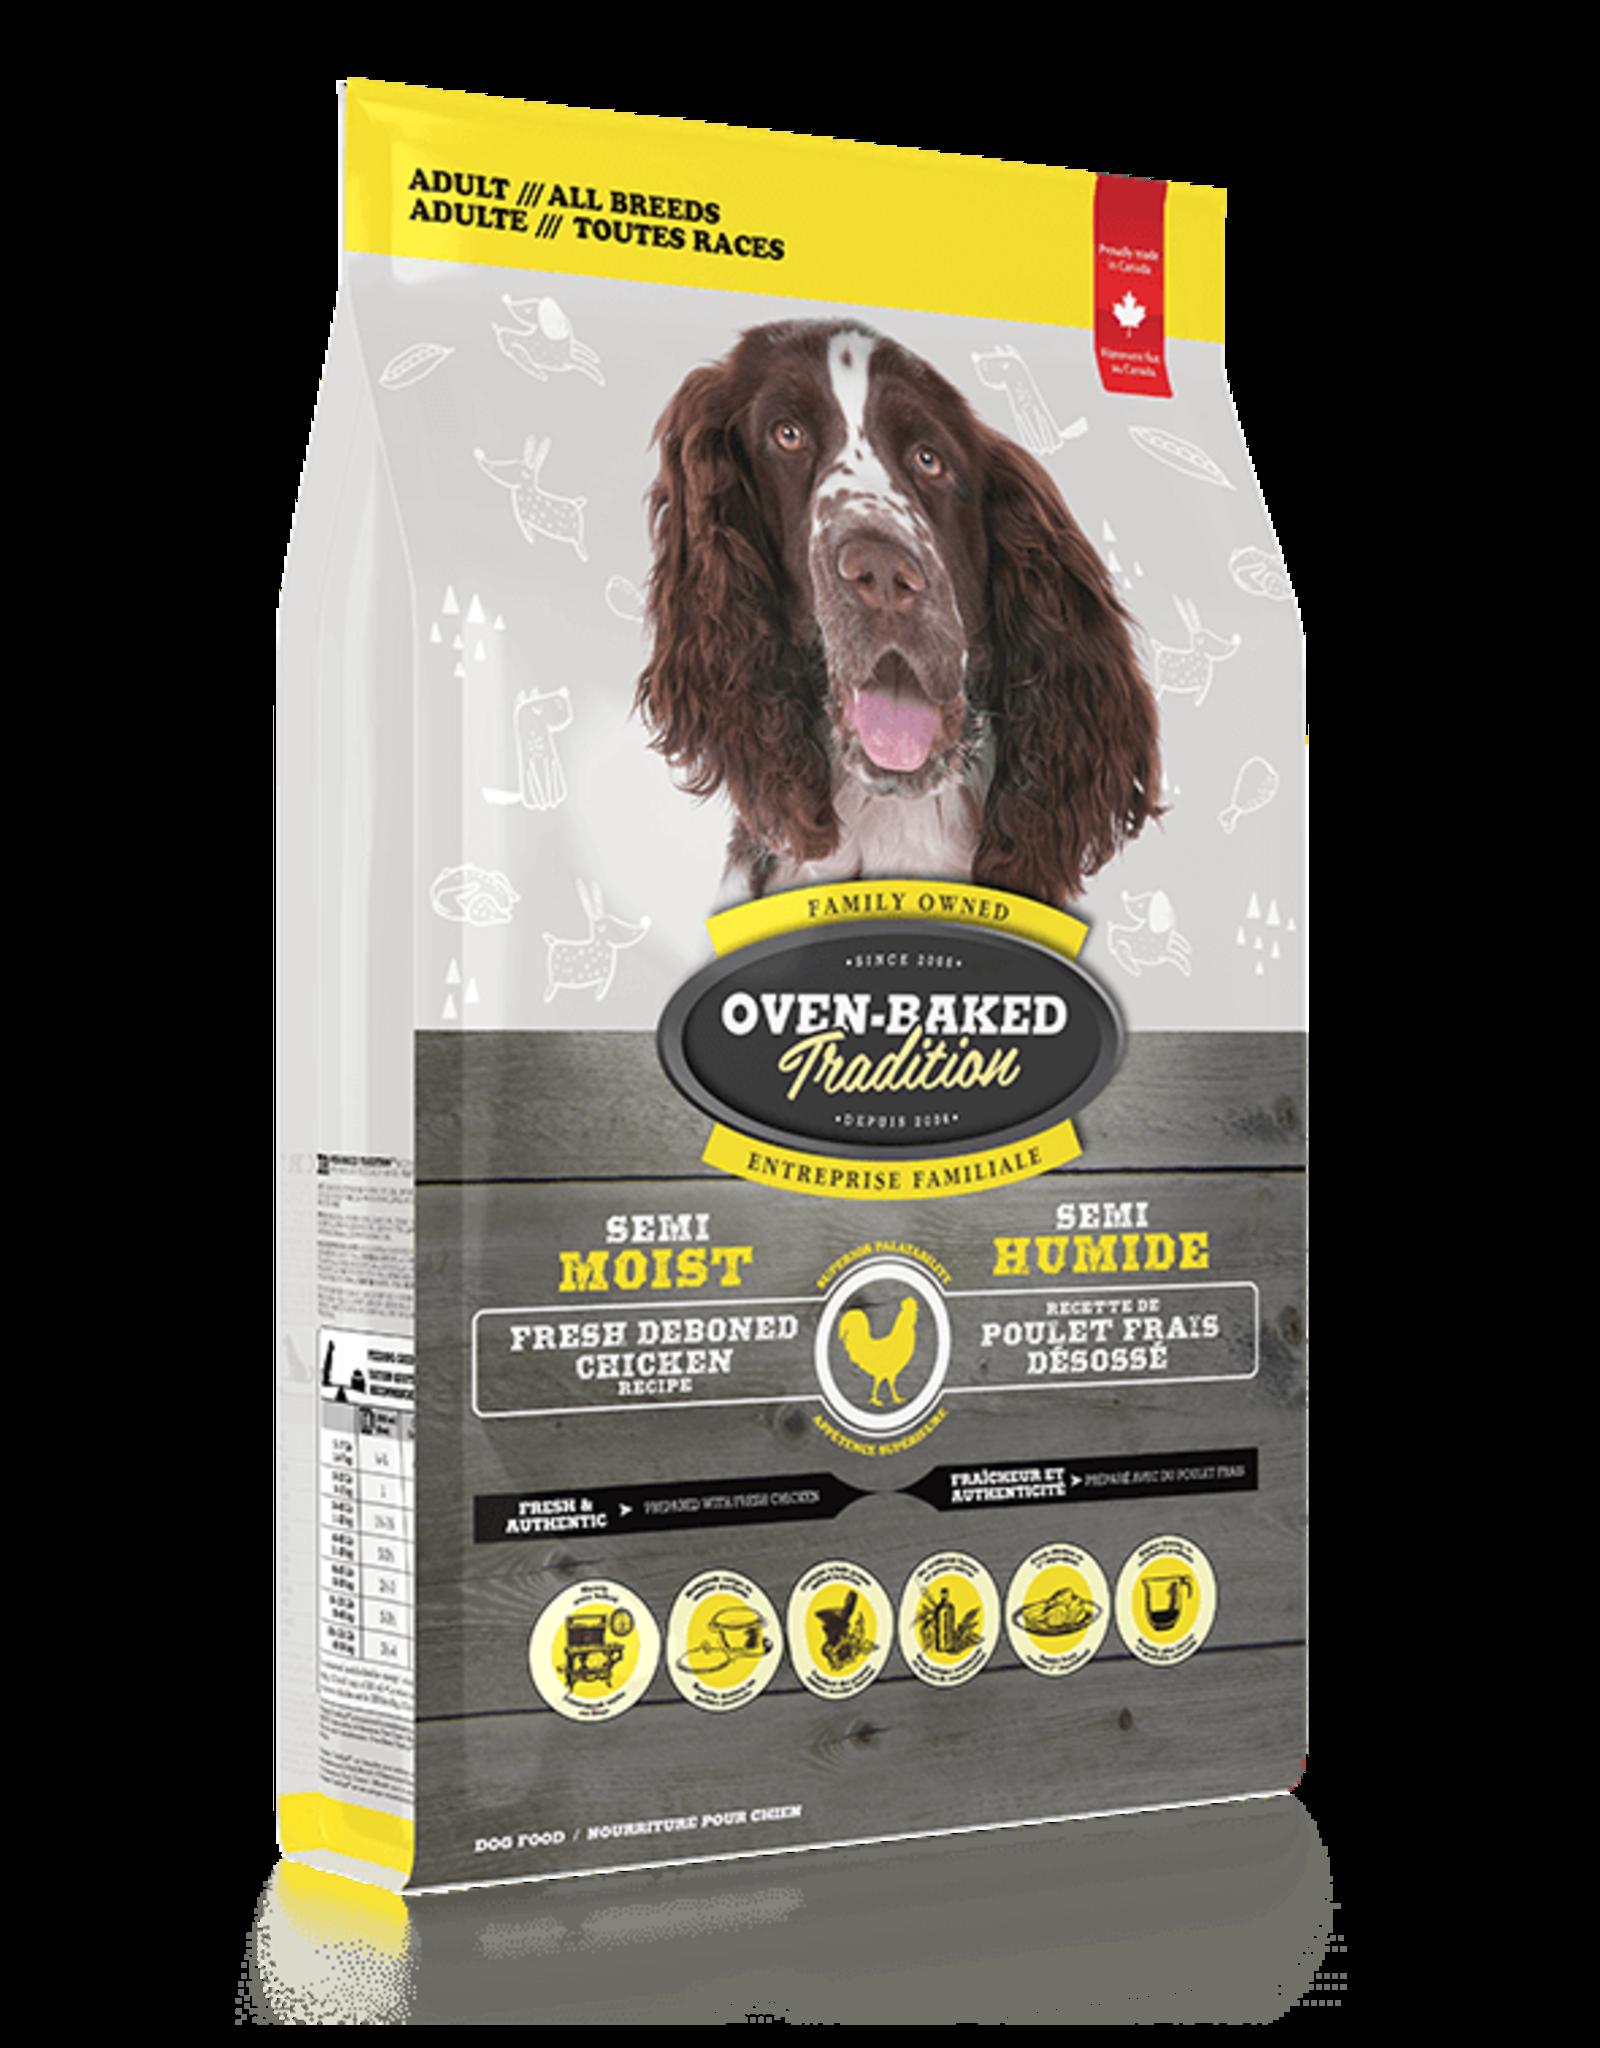 Oven-Baked Tradition Oven-Baked Tradition Semi Moist Chicken Dog